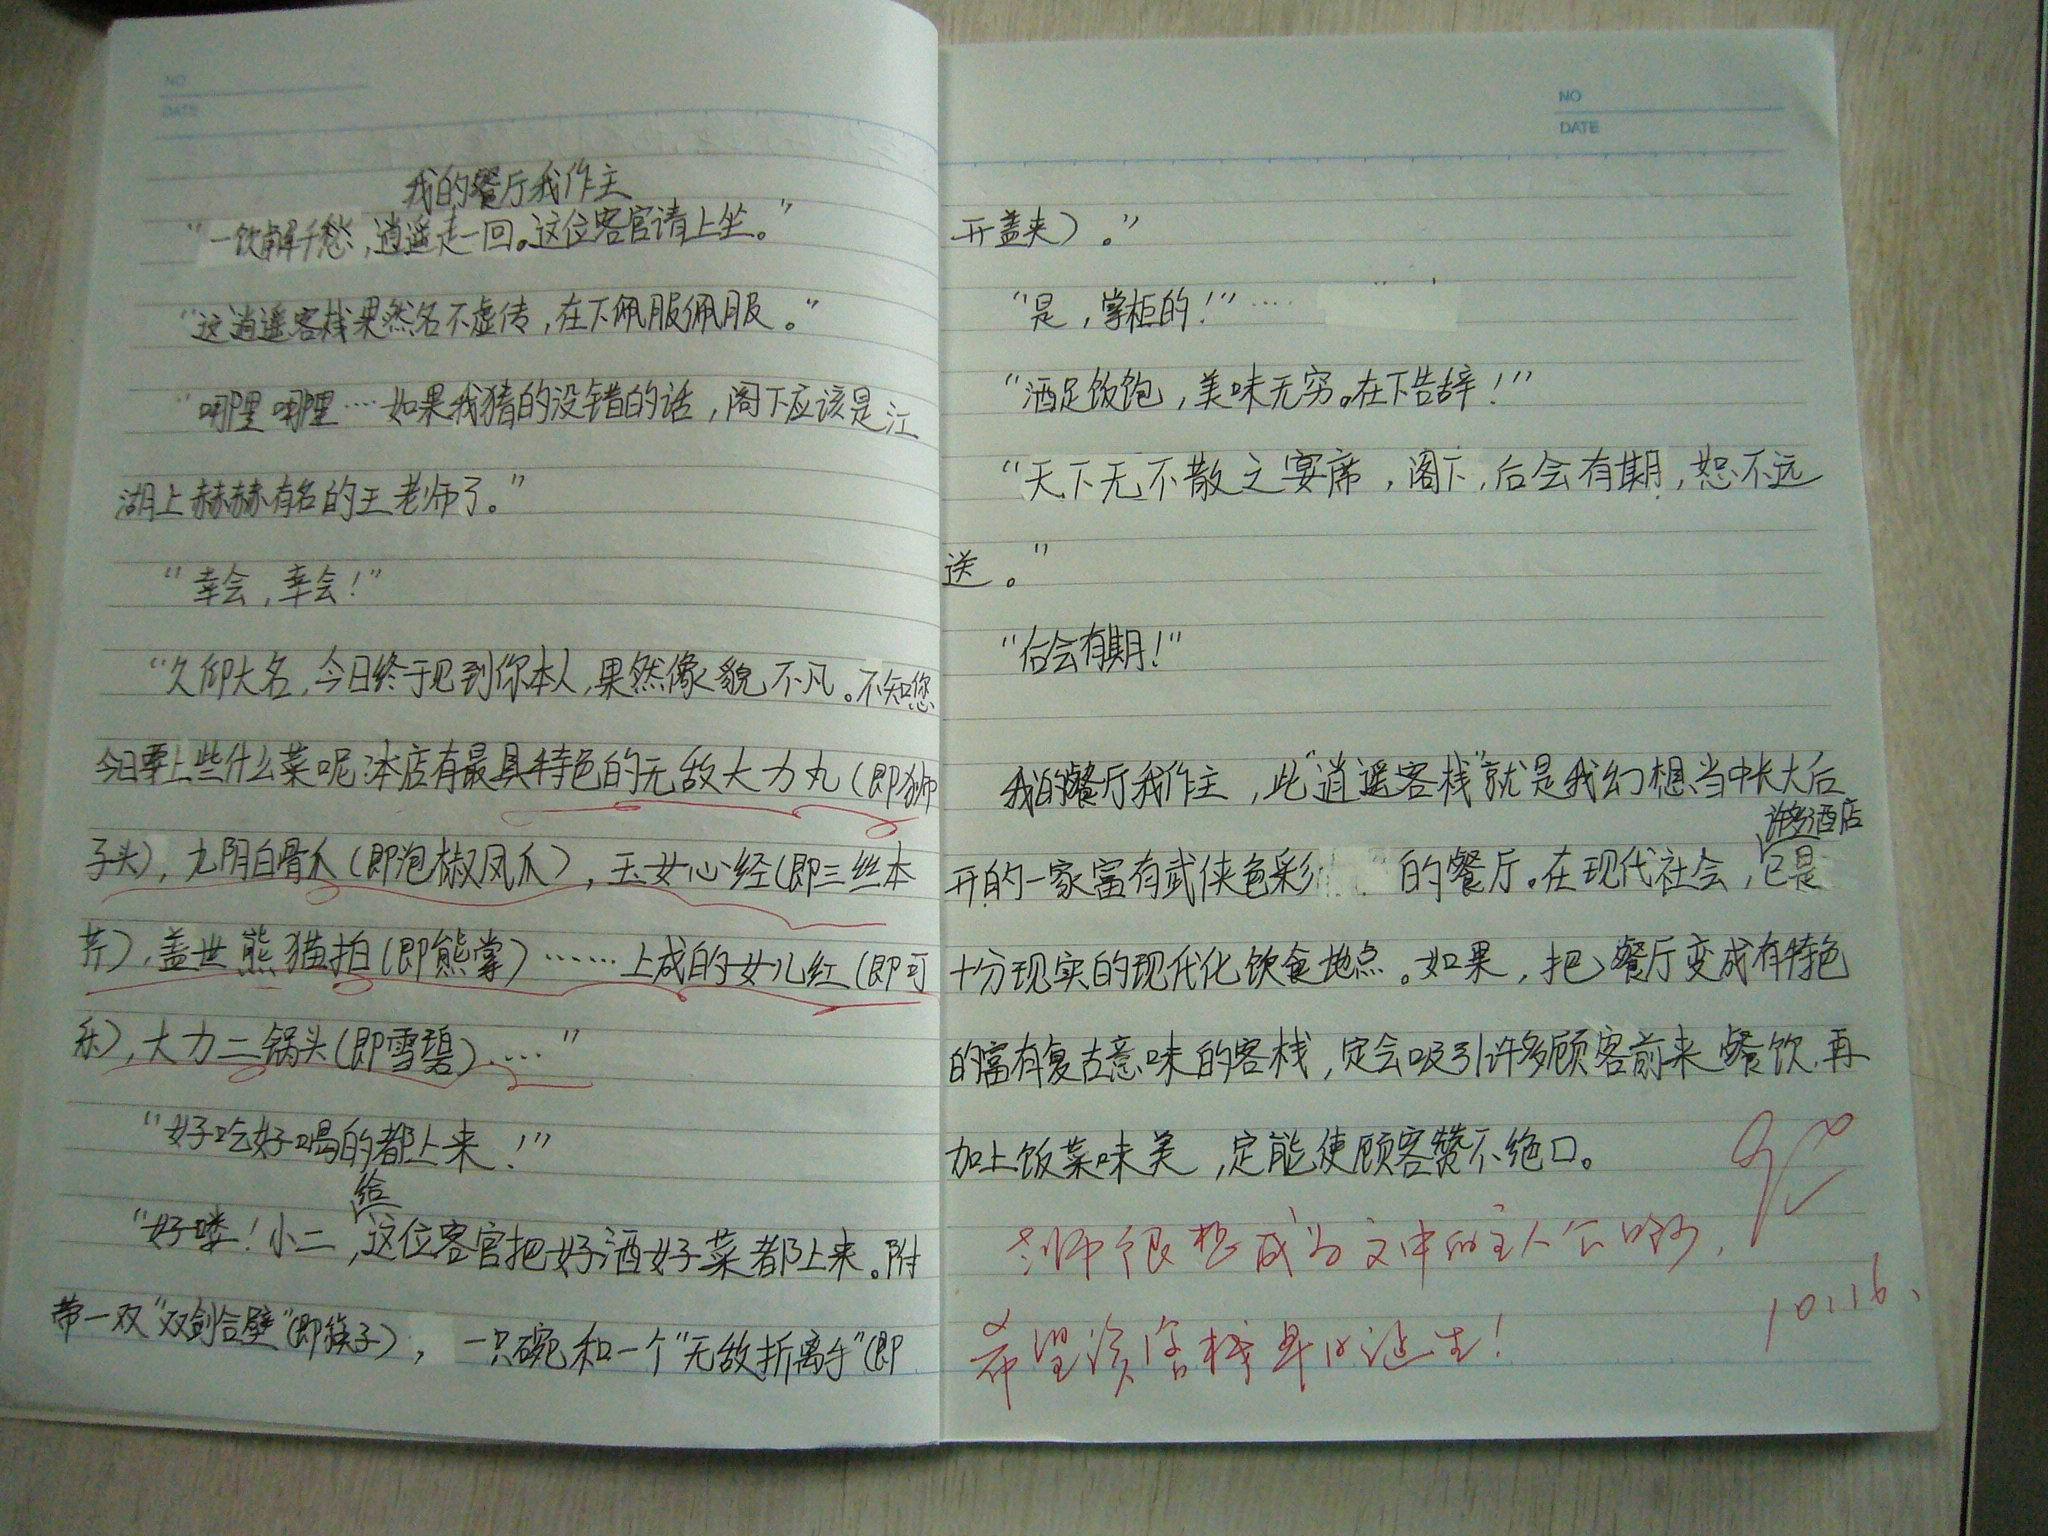 我的梦想英语作文 英语作文我的梦想初二_我的